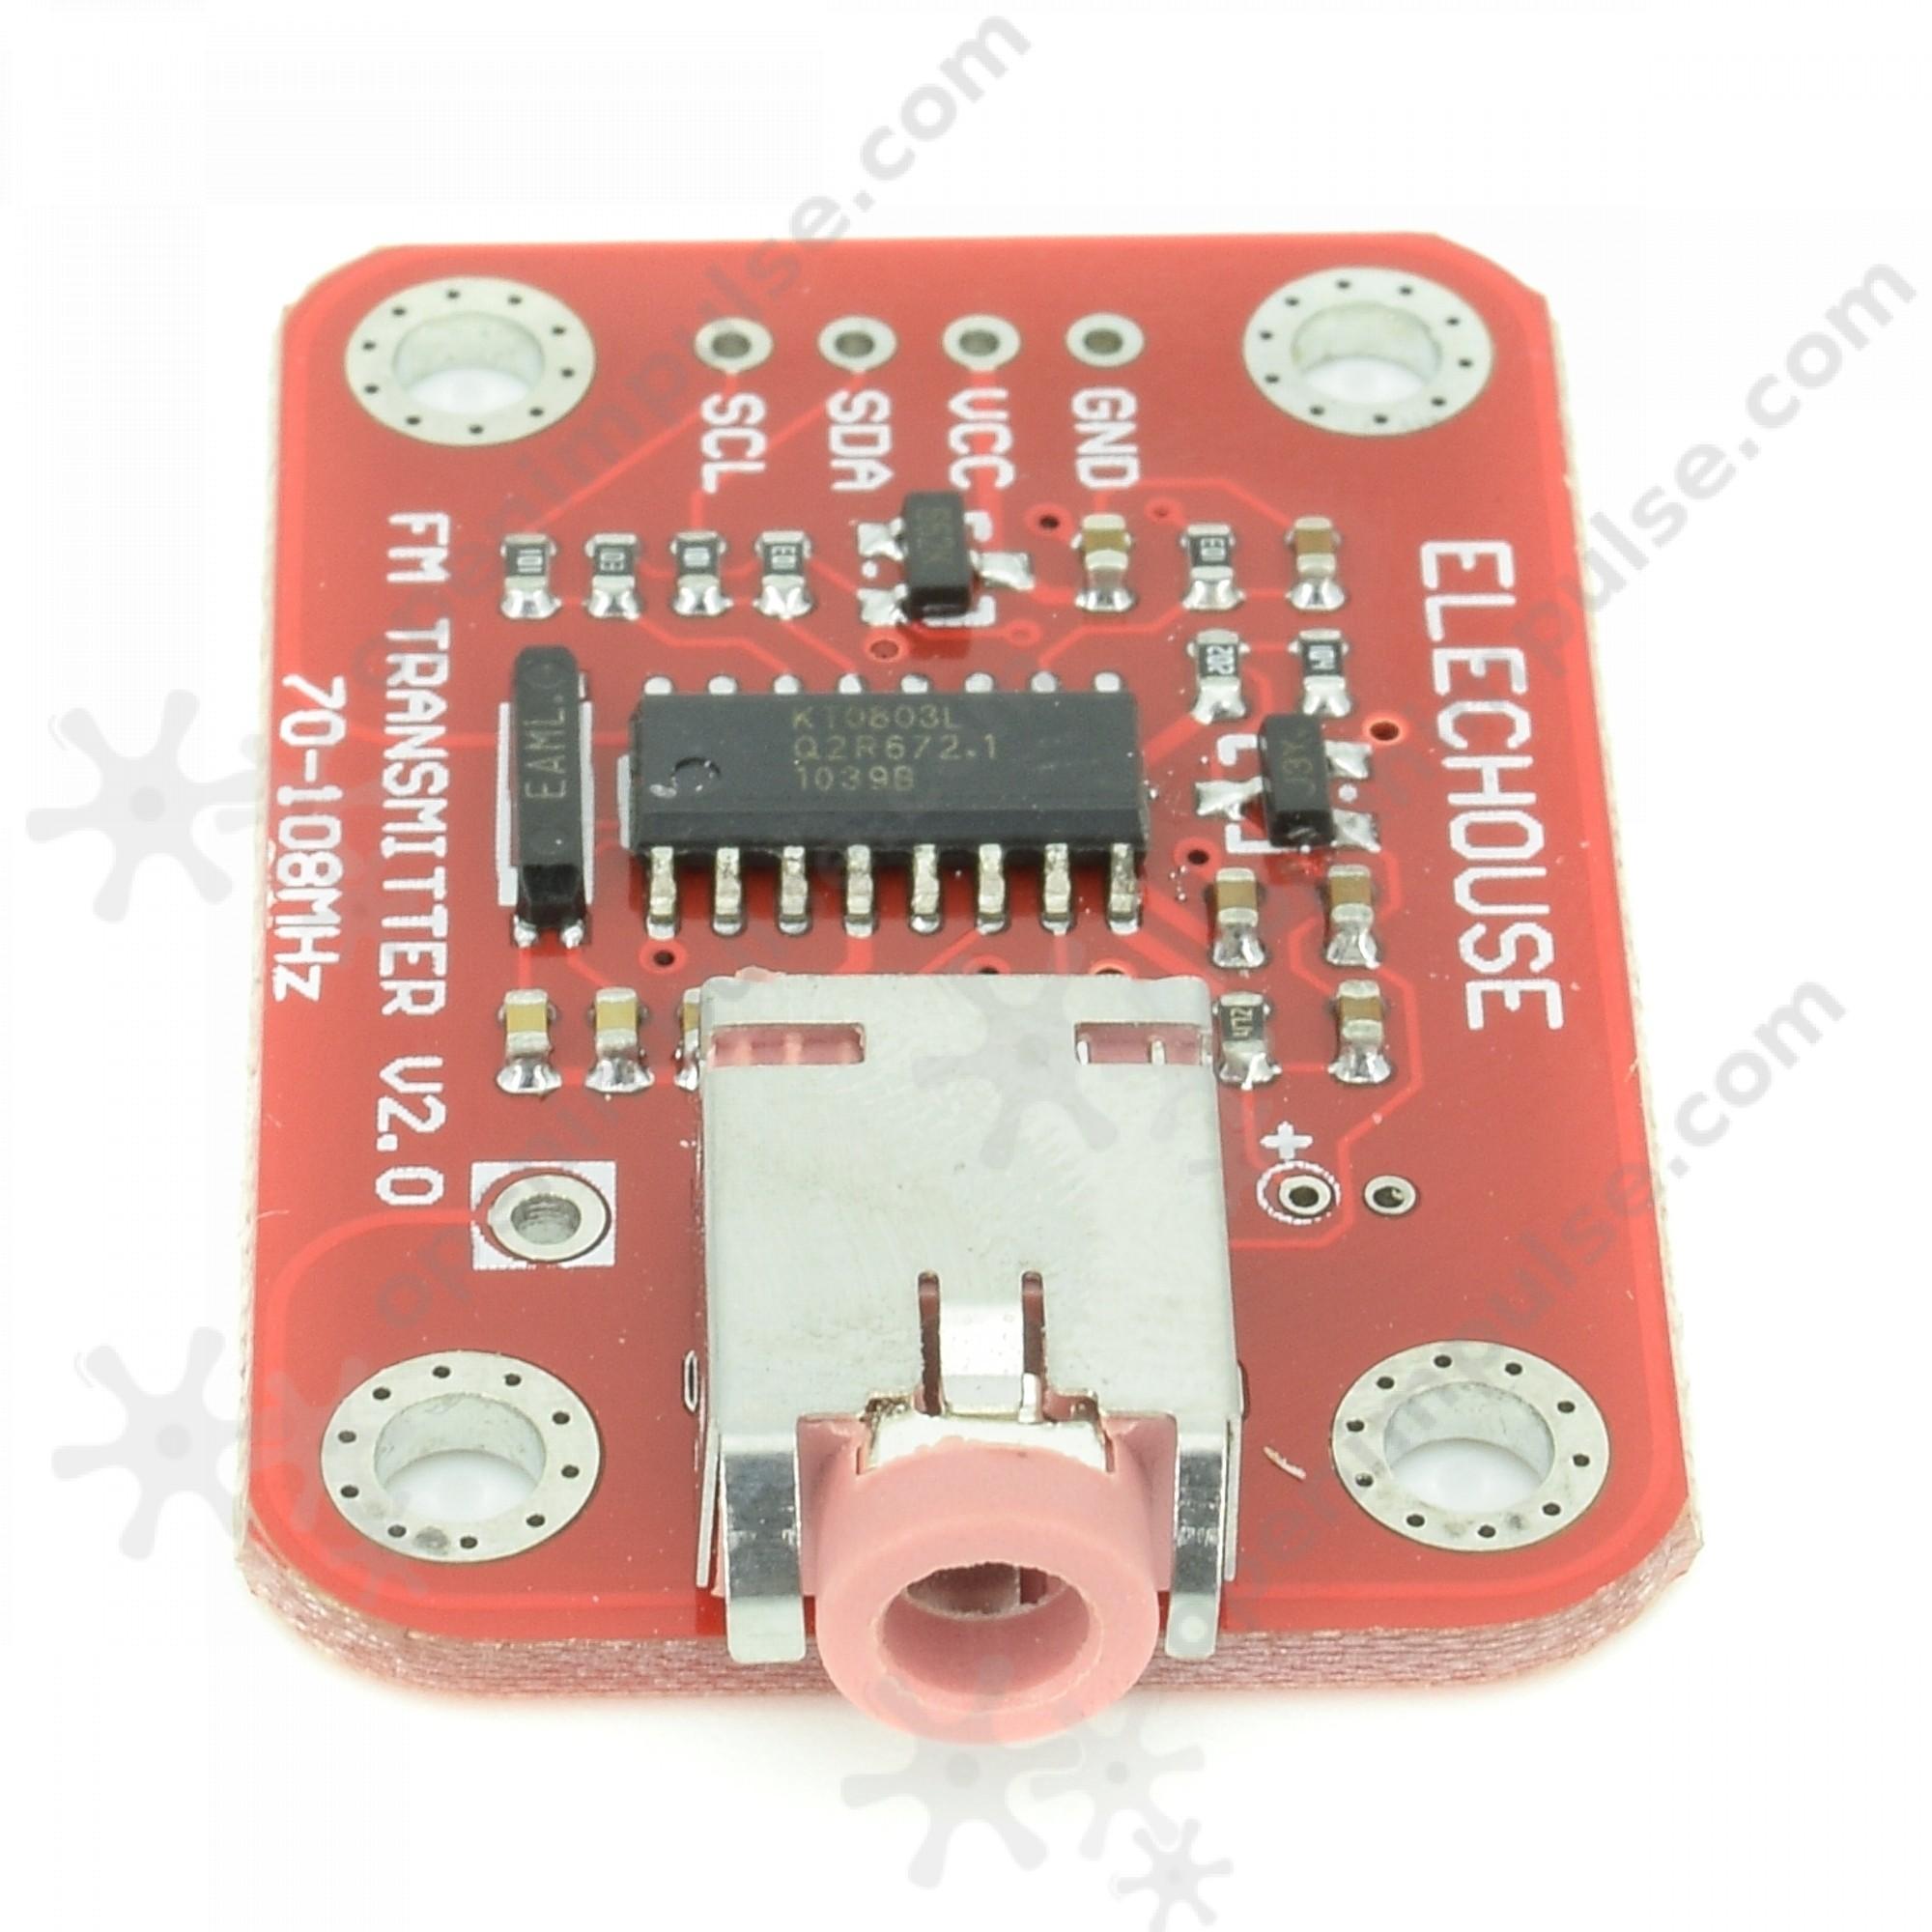 Fm Radio Transmitter Module Open Impulseopen Impulse Circuit Stripboard Layout 2 4 6 This